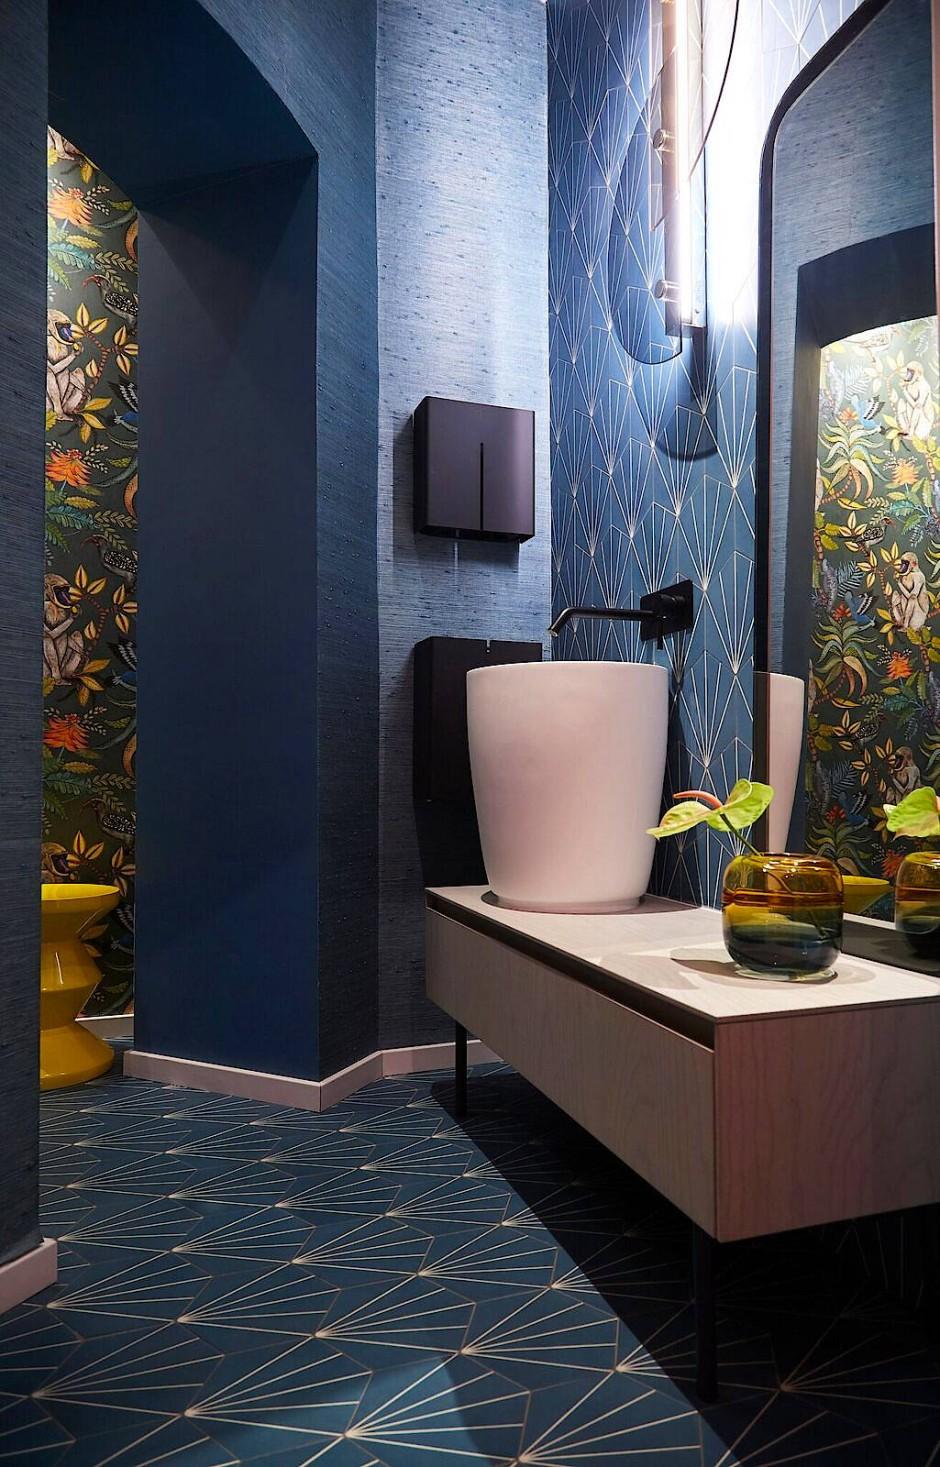 Große Bühne: Die Toilette ist neuerdings die Drama Queen des Hauses.